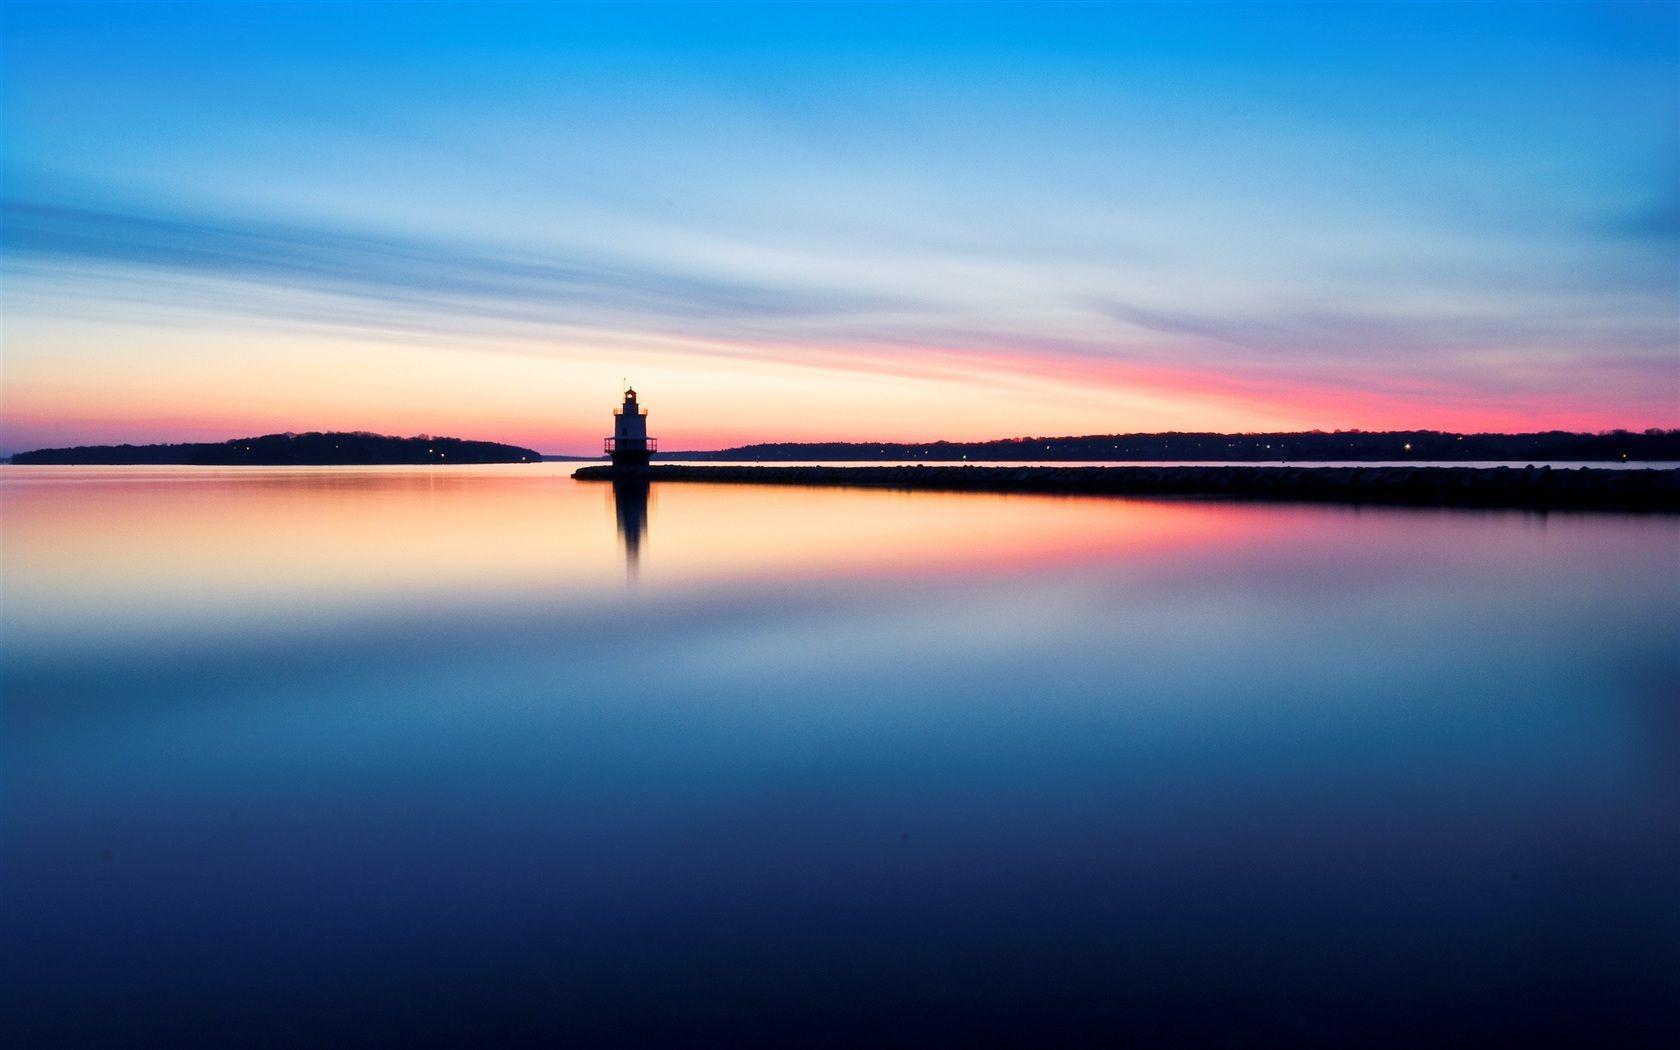 壁紙 朝の灯台水の反射 2560x1600 Hd 無料のデスクトップの背景 画像 デスクトップの背景 風景 都市景観